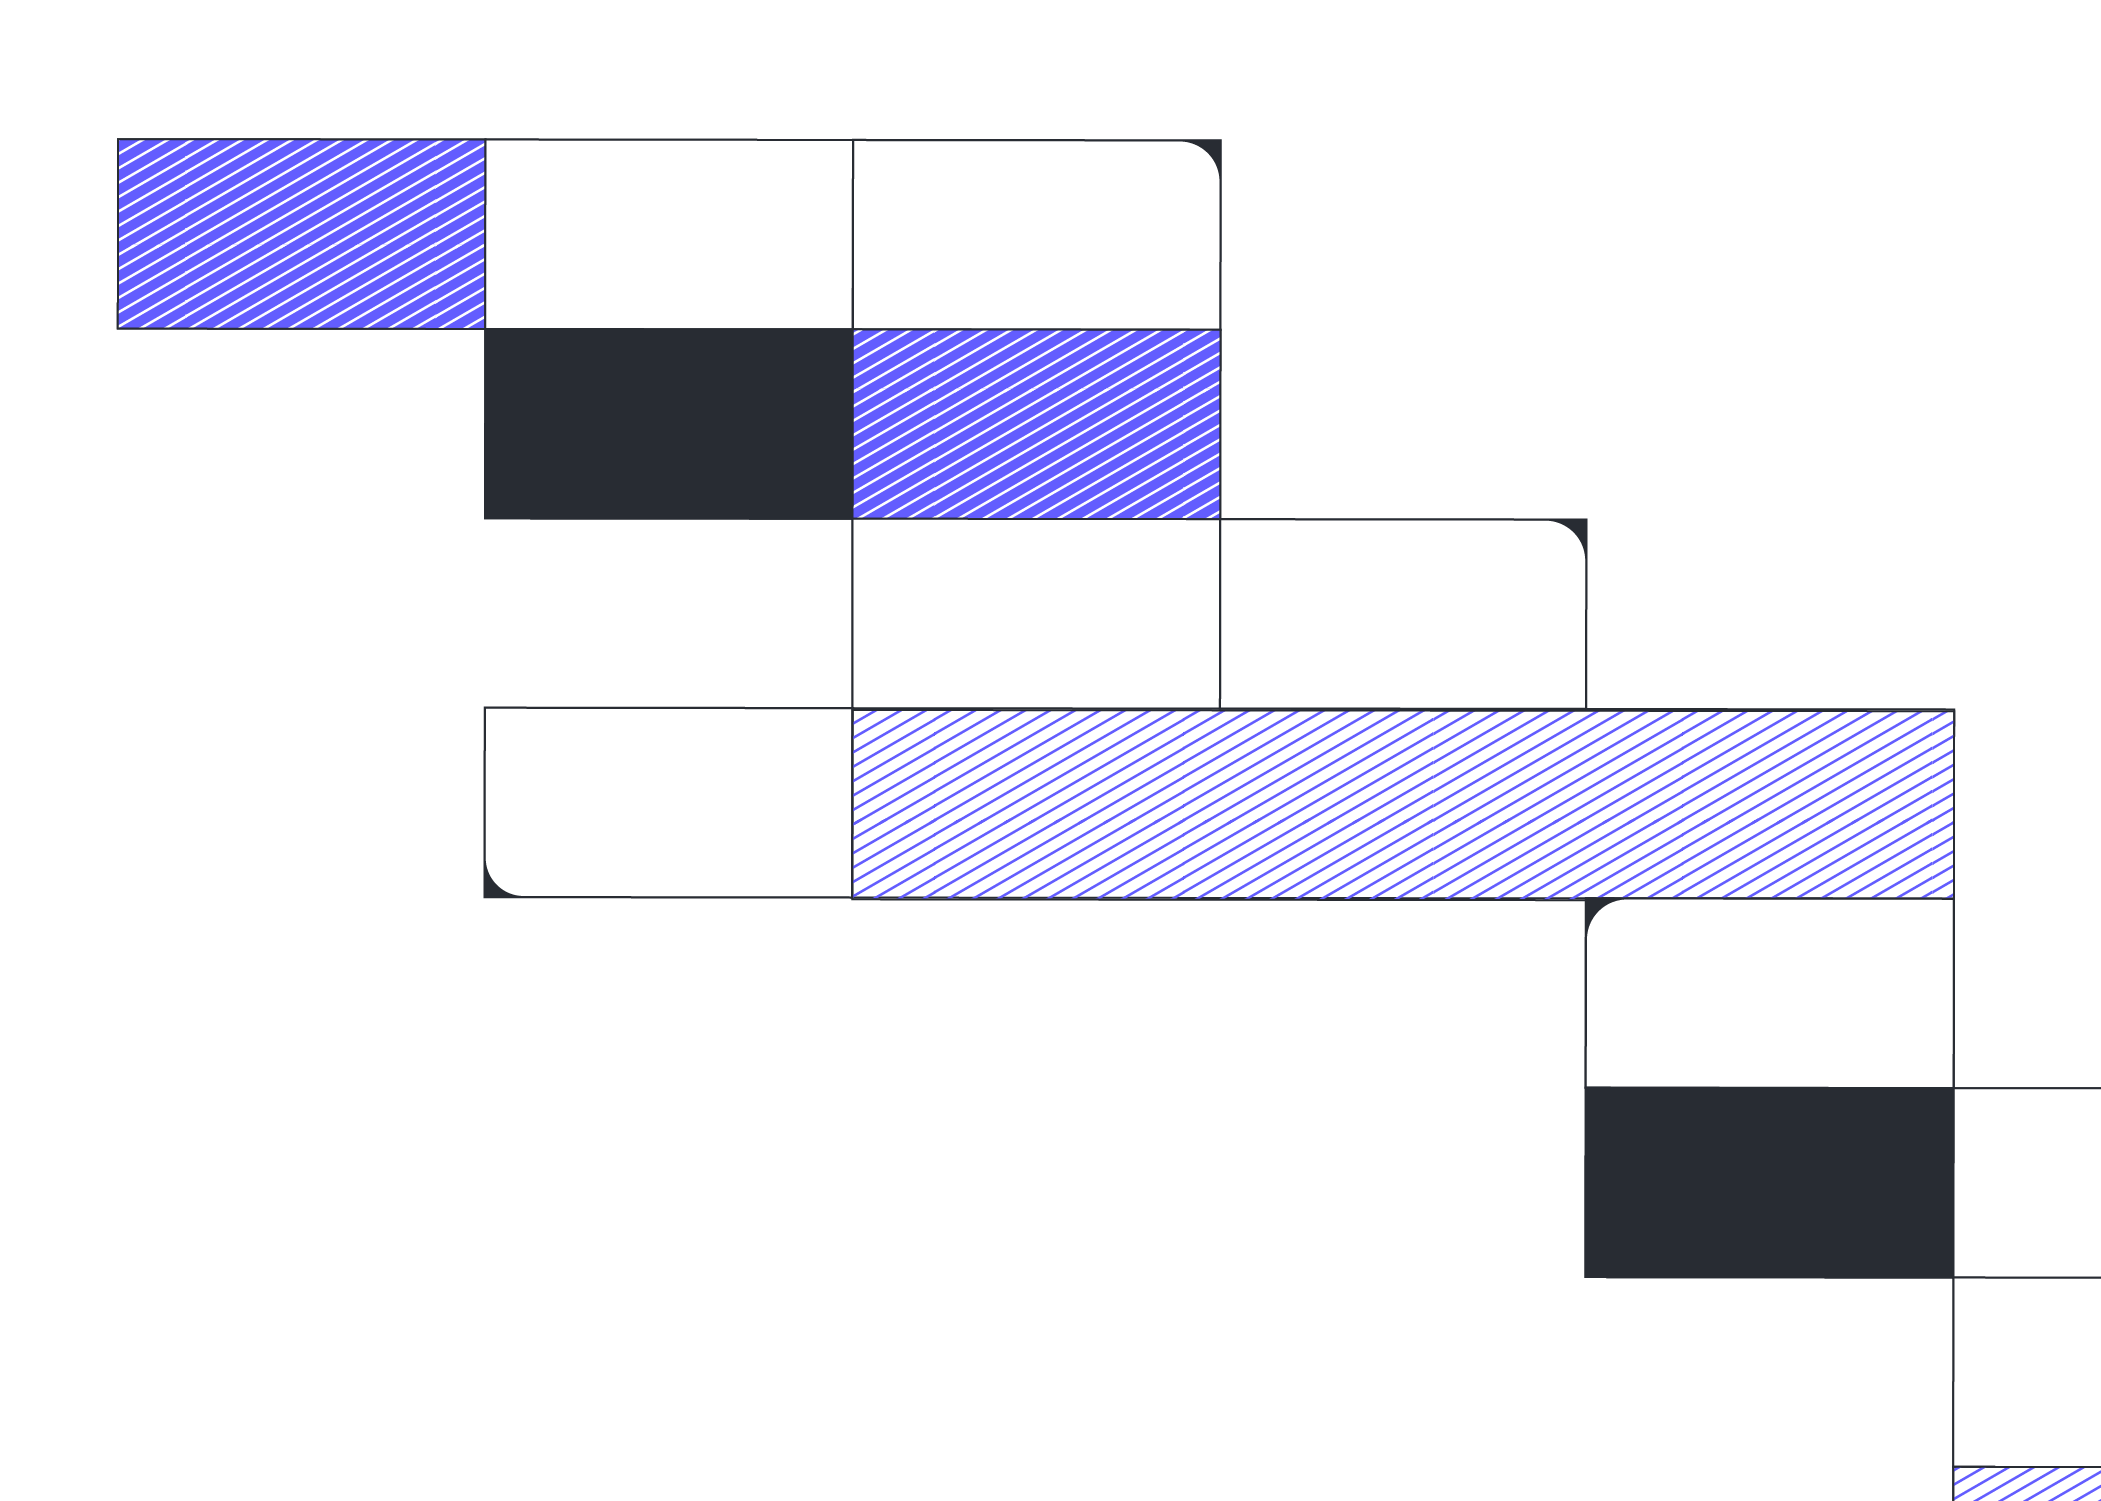 lucidchart Gantt chart maker